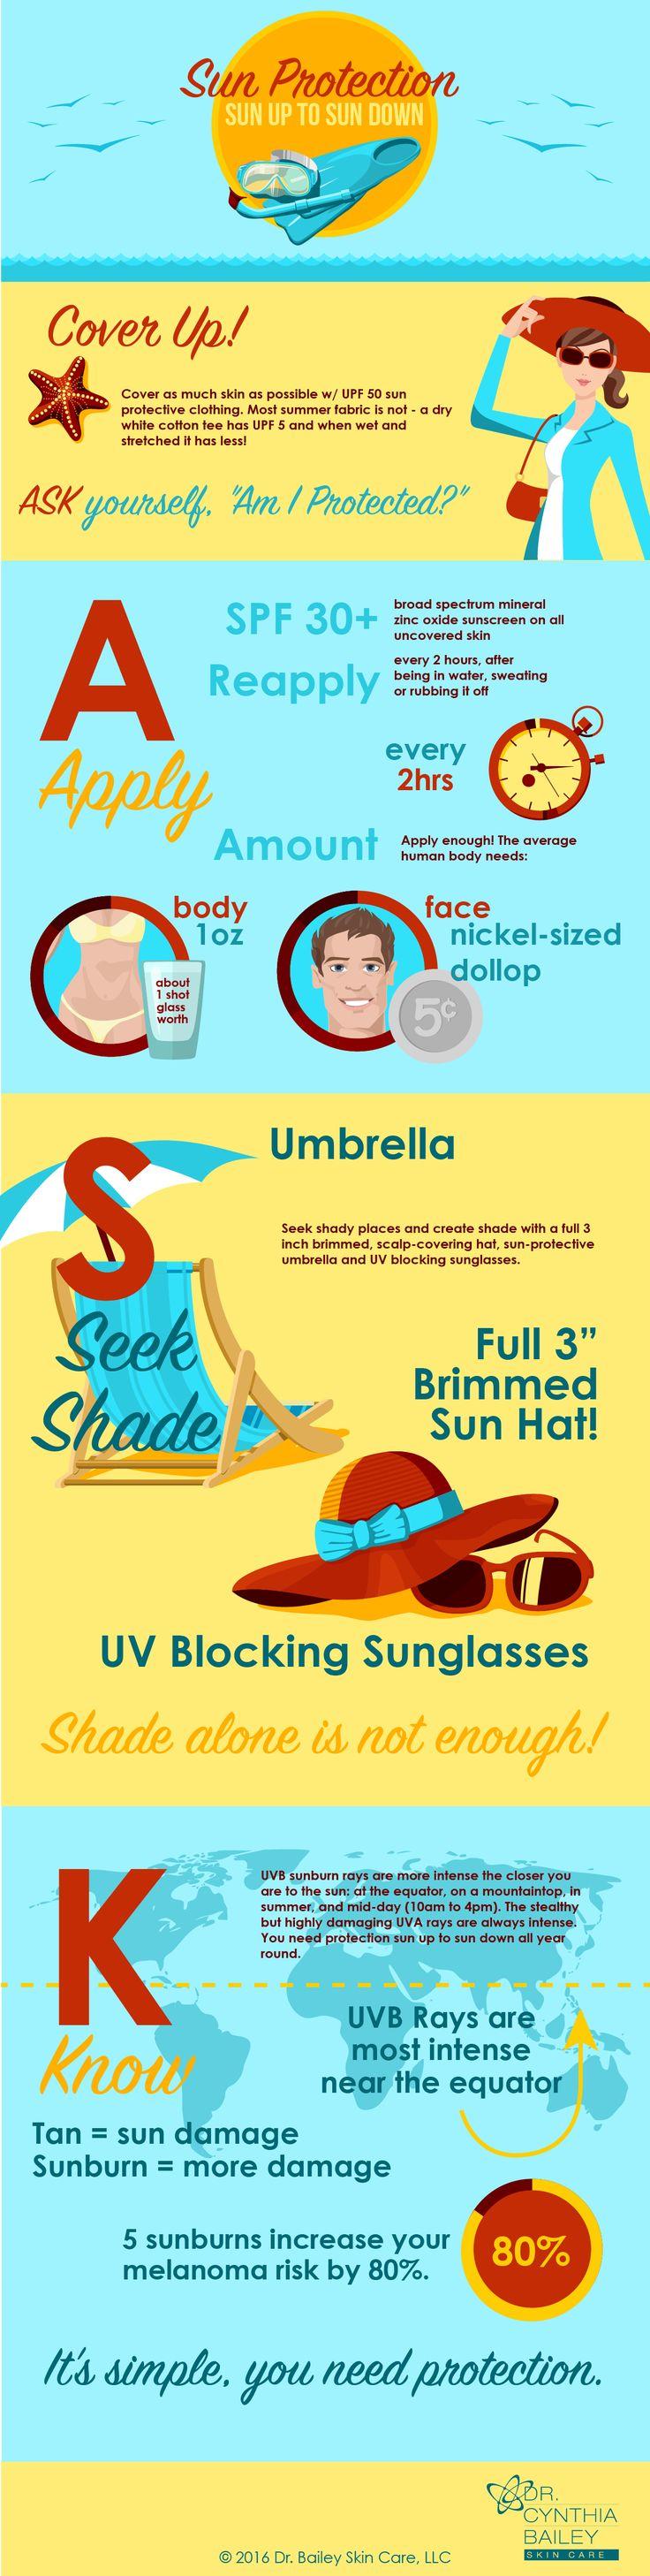 926aa421c2d5be6778b75a03797b14ca--skin-tips-sun-protection Unique De Promo Parasol Schème